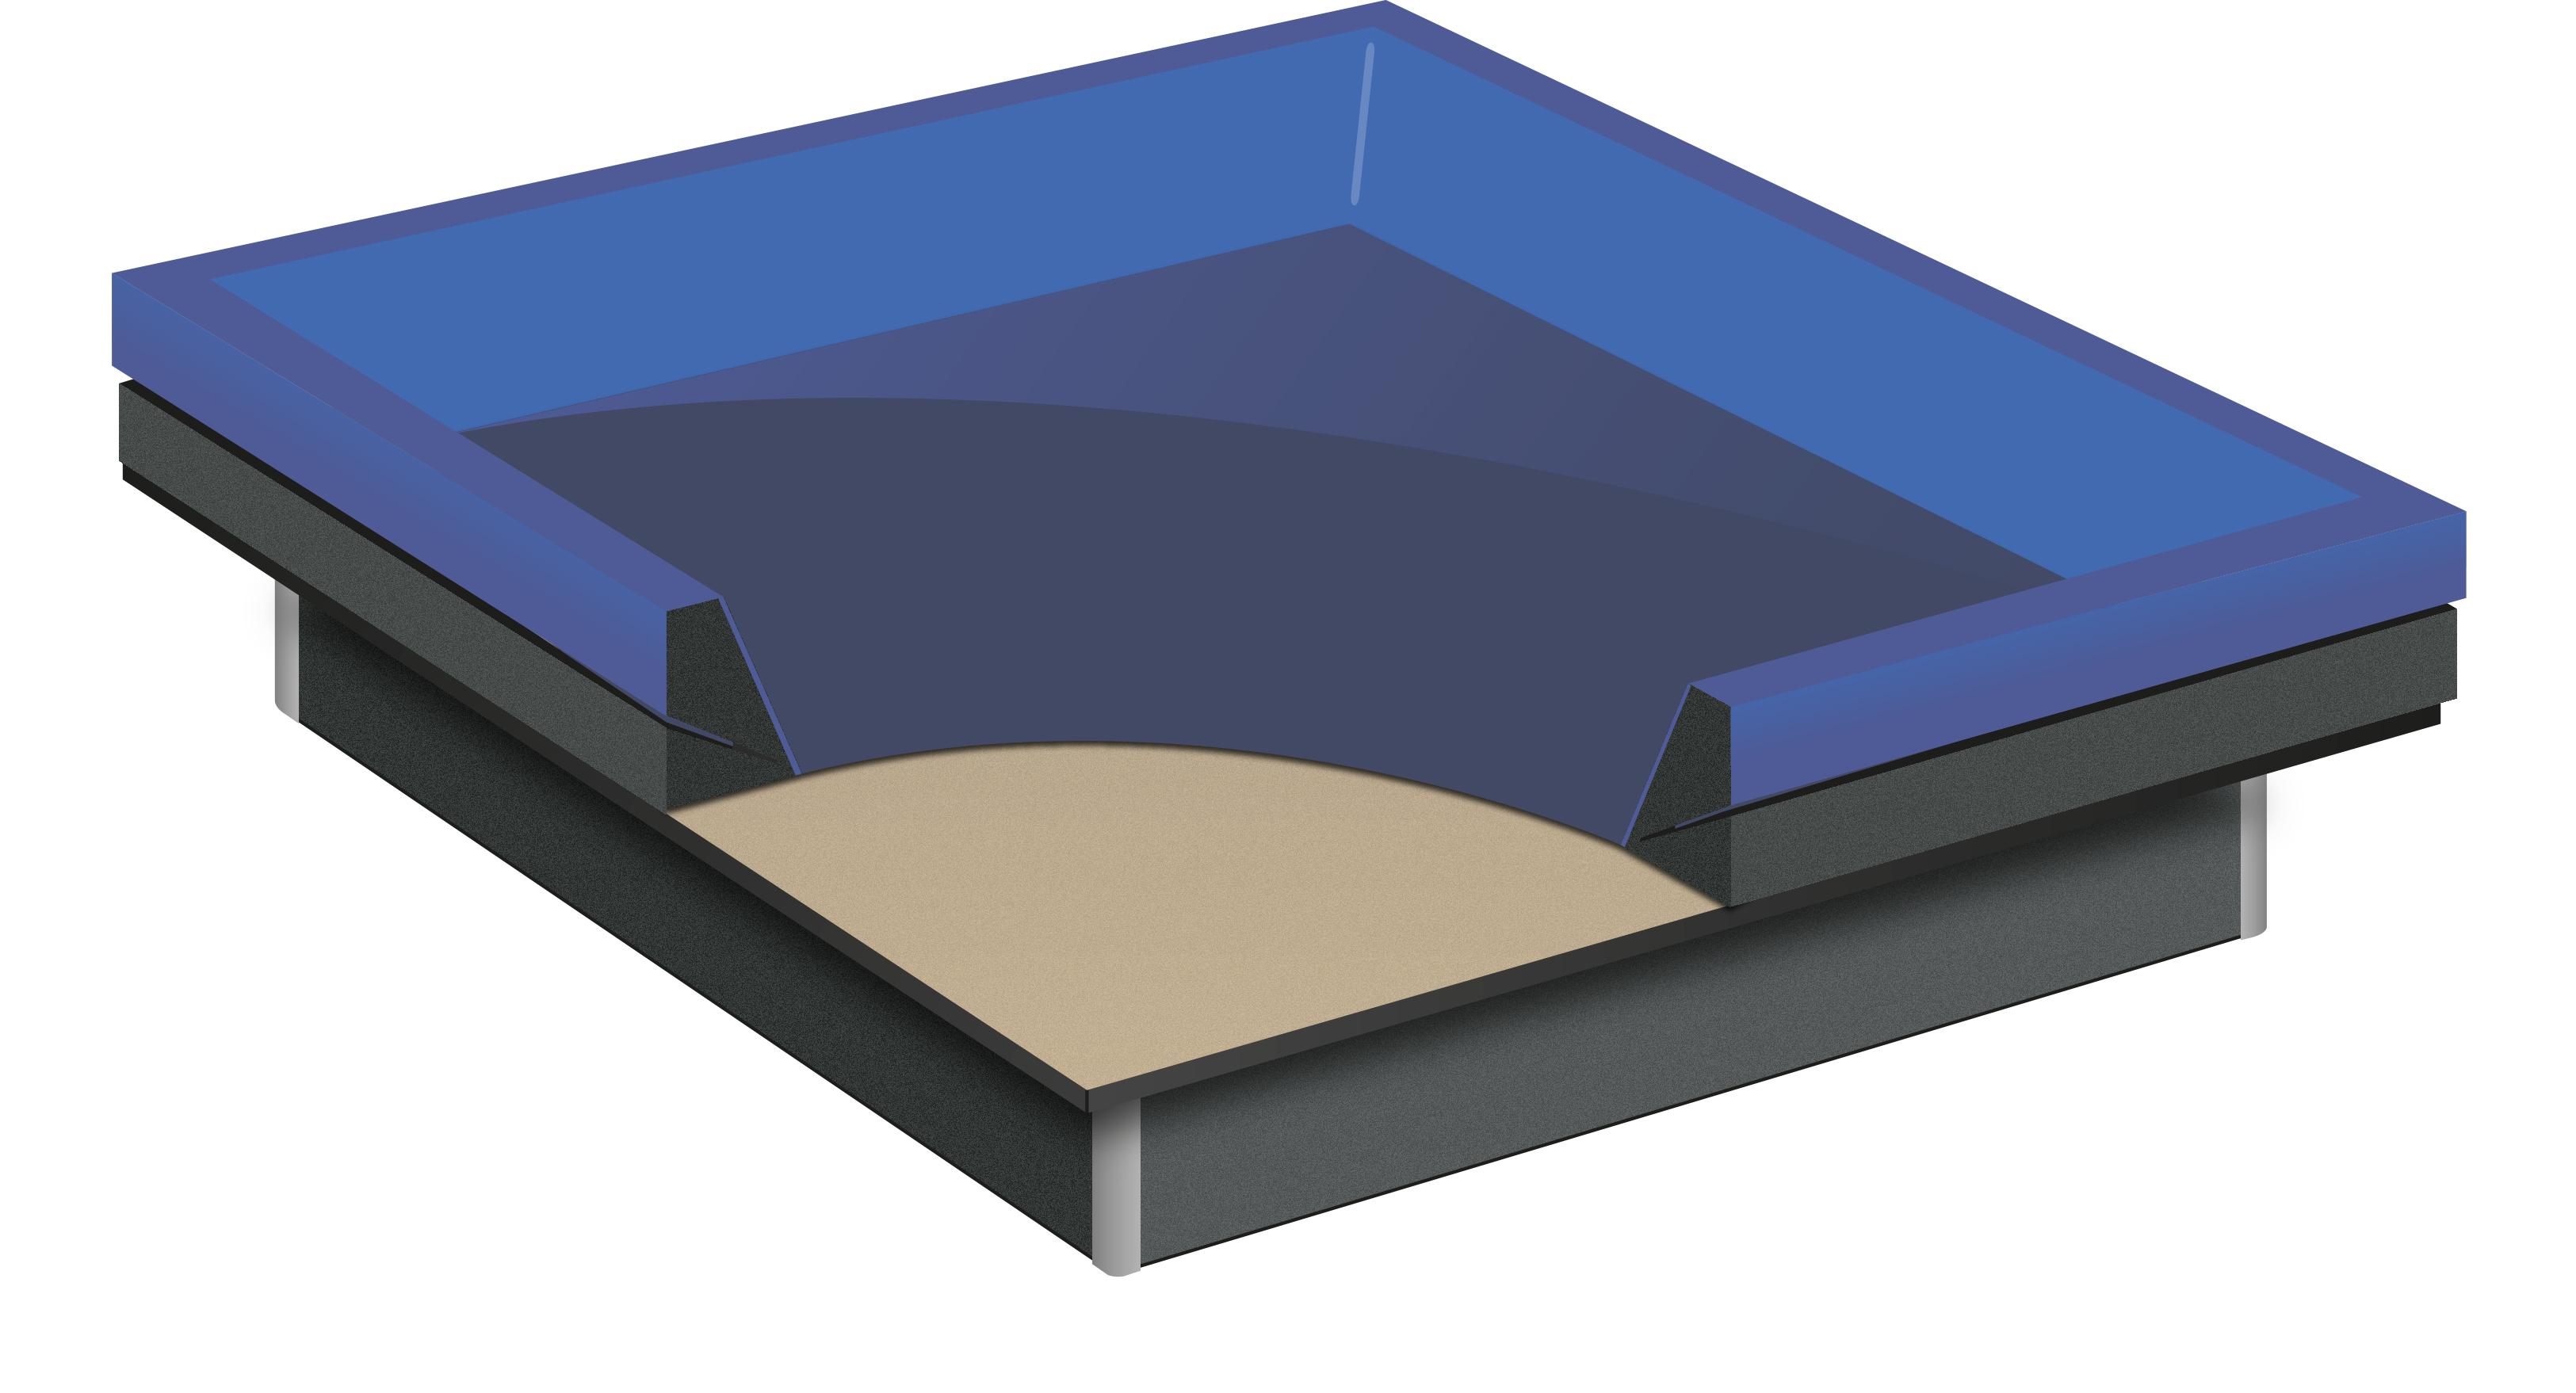 Liner de sécurité pour lit à eau softside spli by Waterbed France